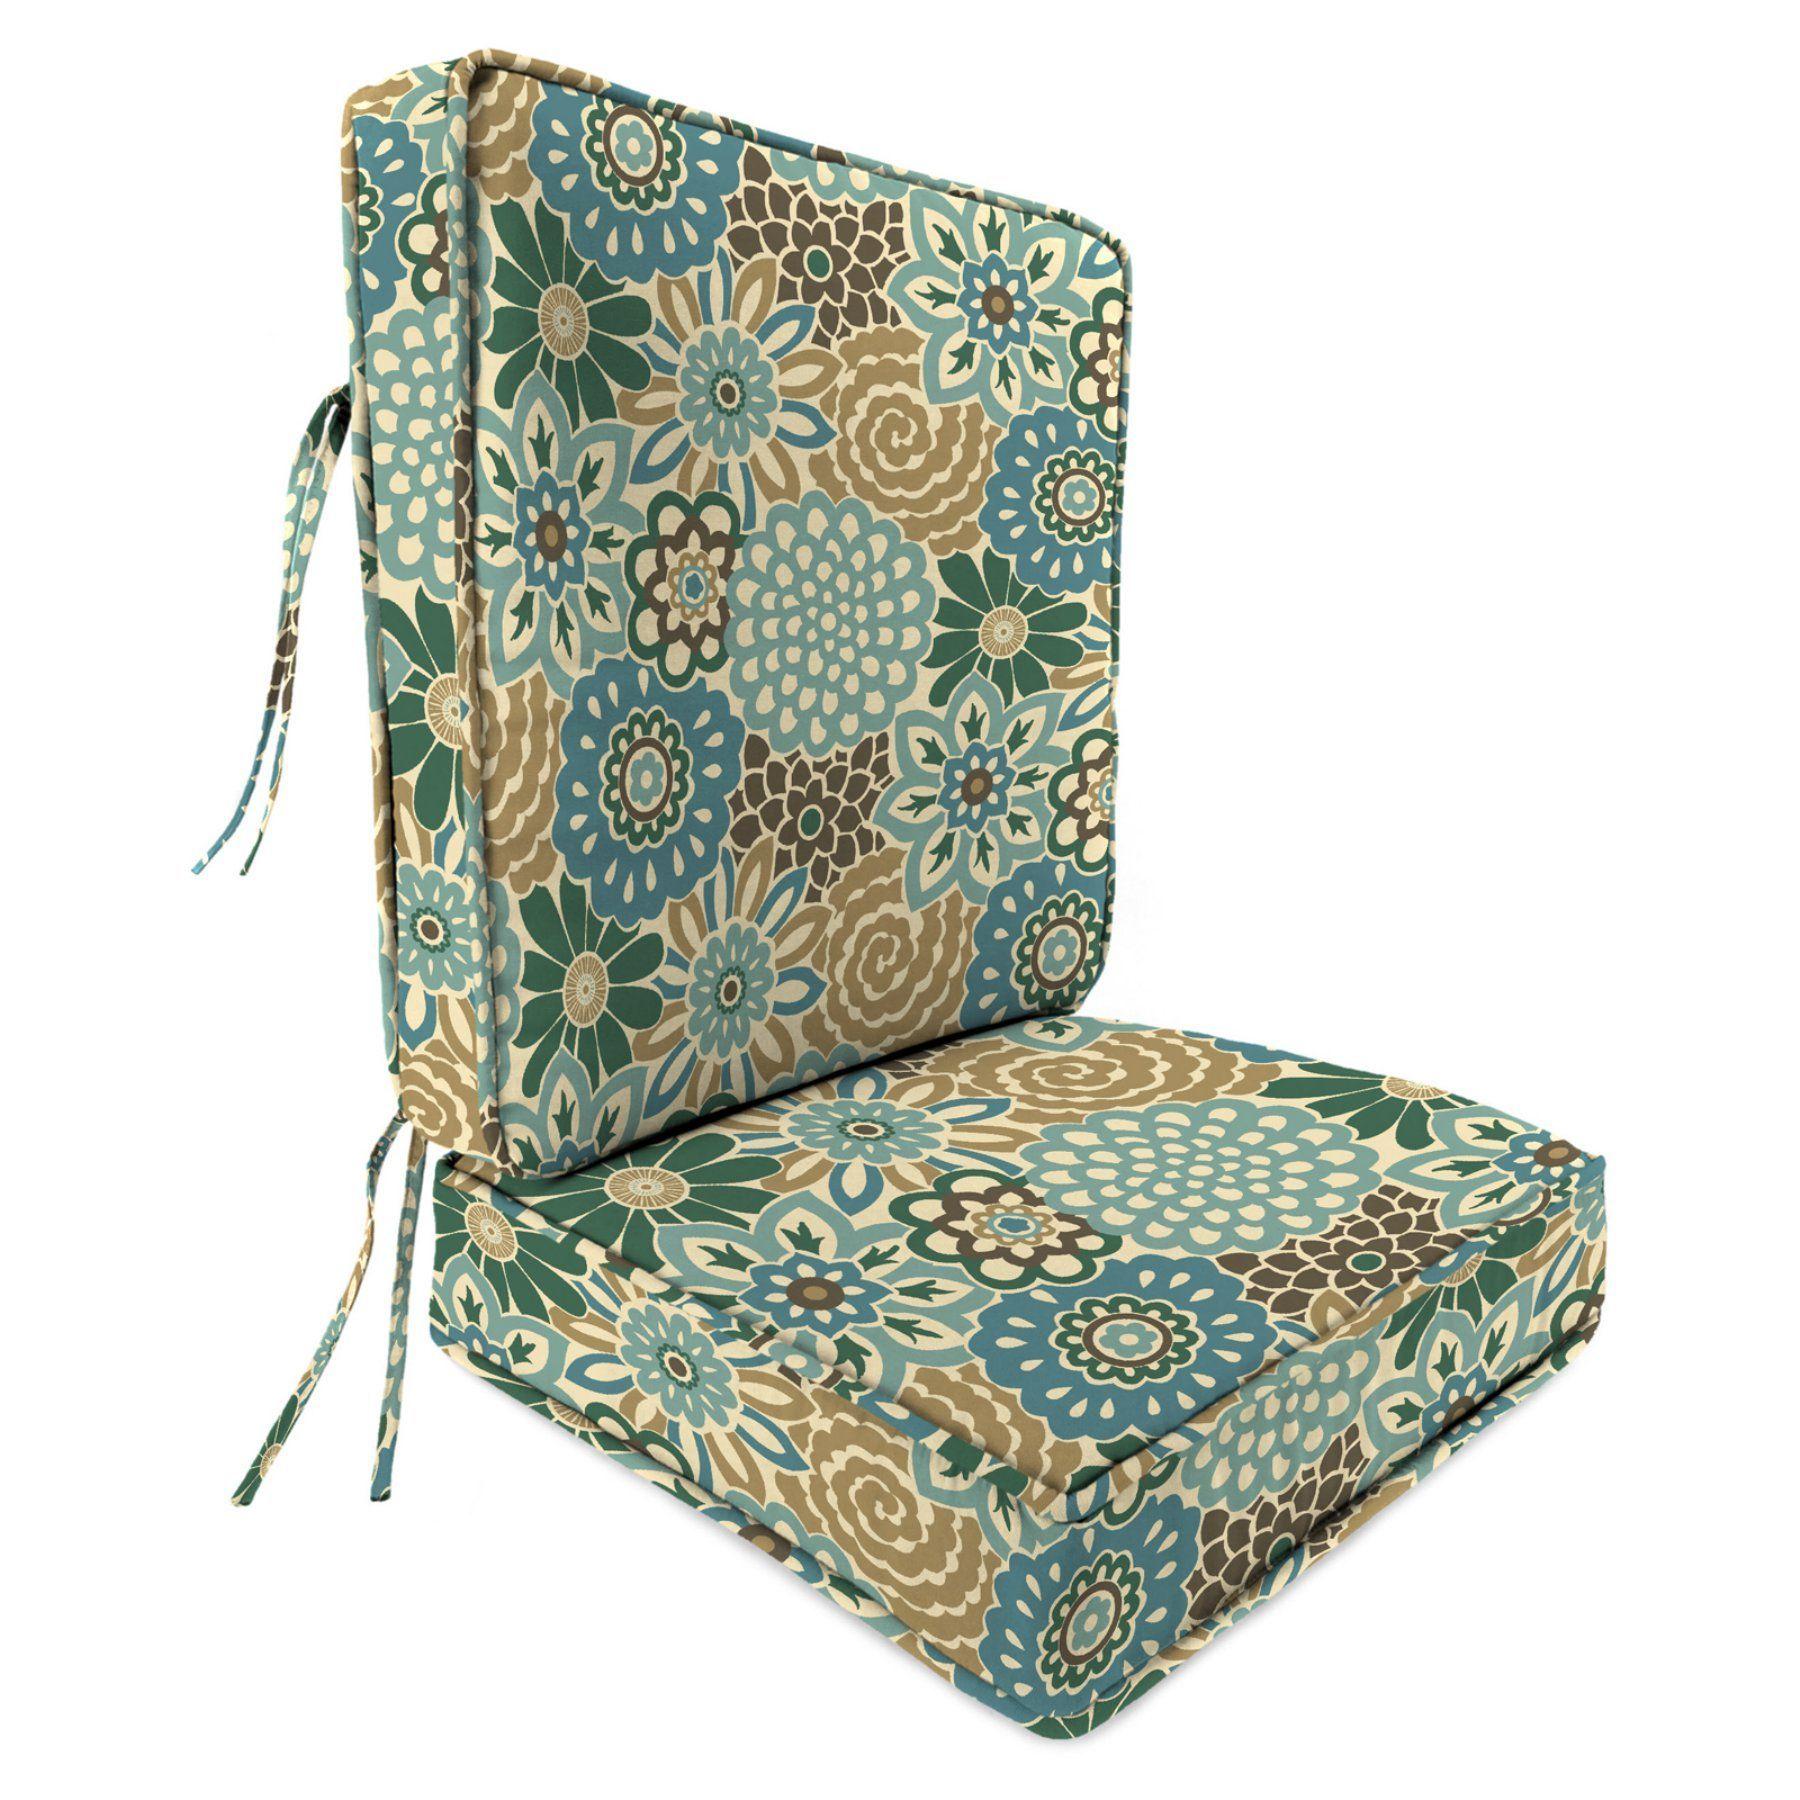 jordan manufacturing 22 5 in 2 piece deep seat outdoor chair rh pinterest com